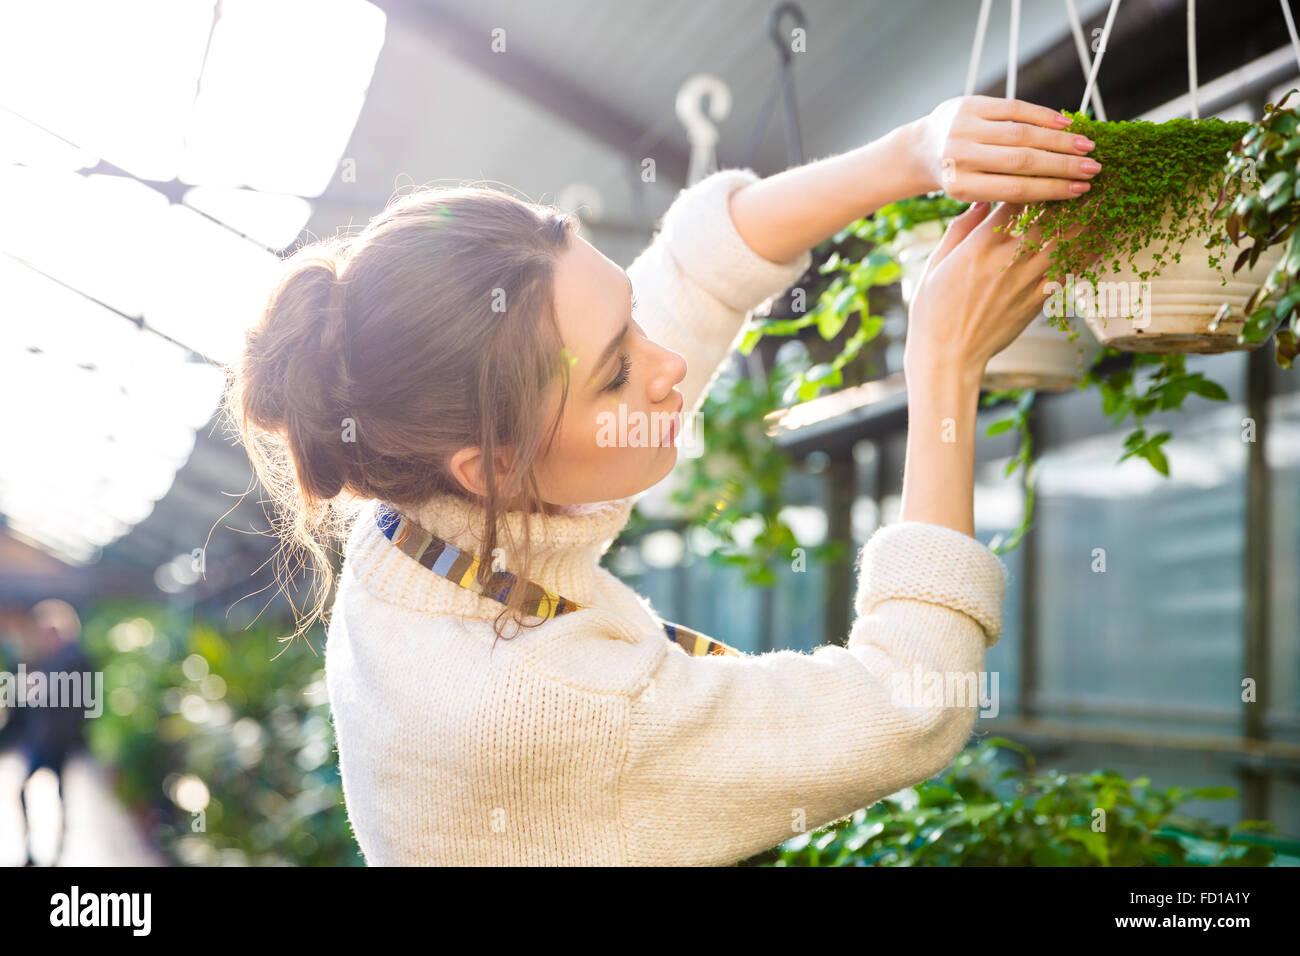 Oferta de Trabajo jardinero hembra bonita con plantas y flores en el centro de jardinería Imagen De Stock